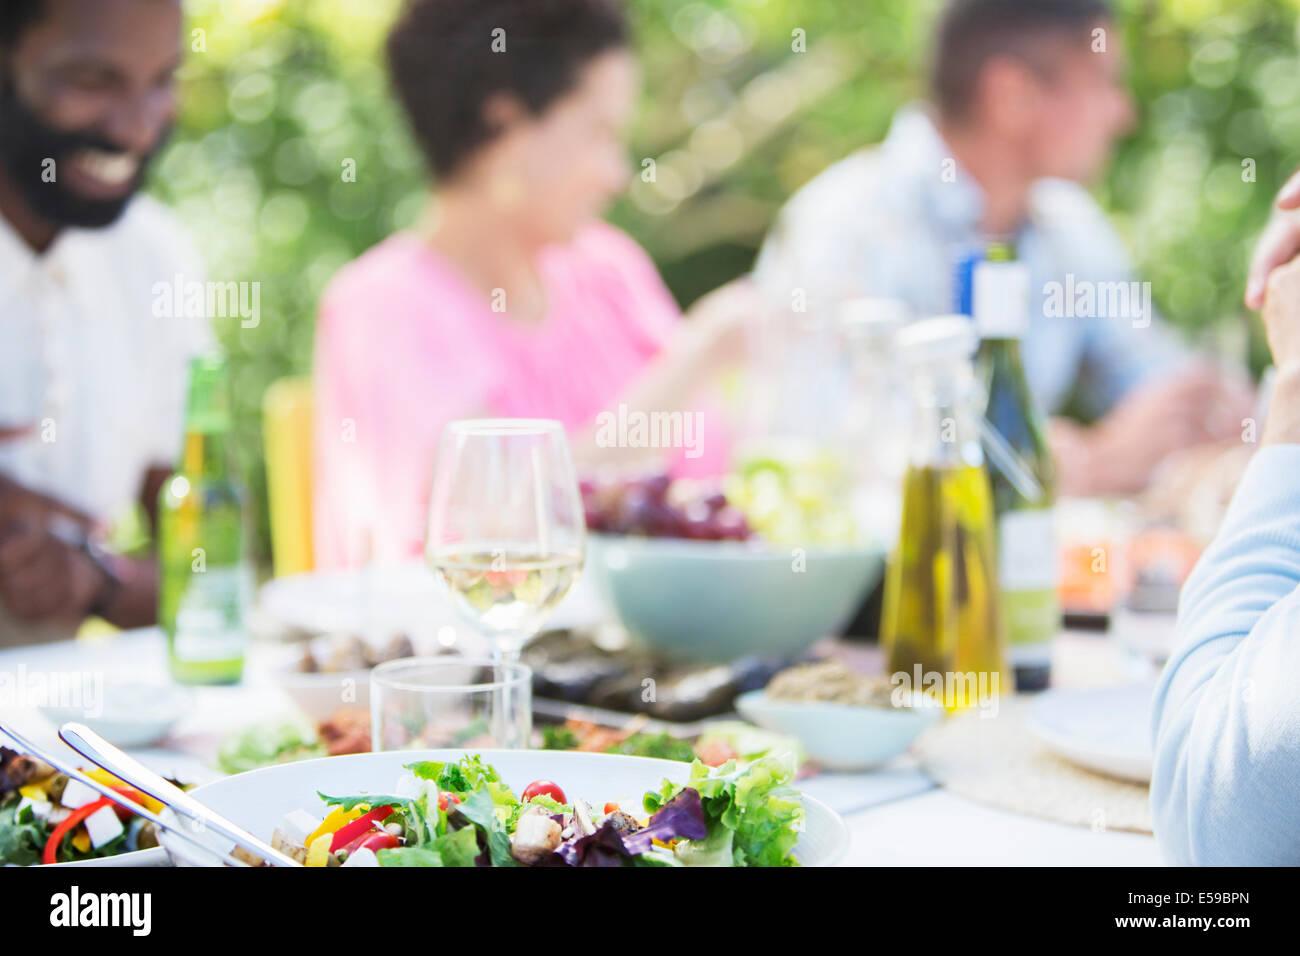 Plaques de table en plein air Photo Stock